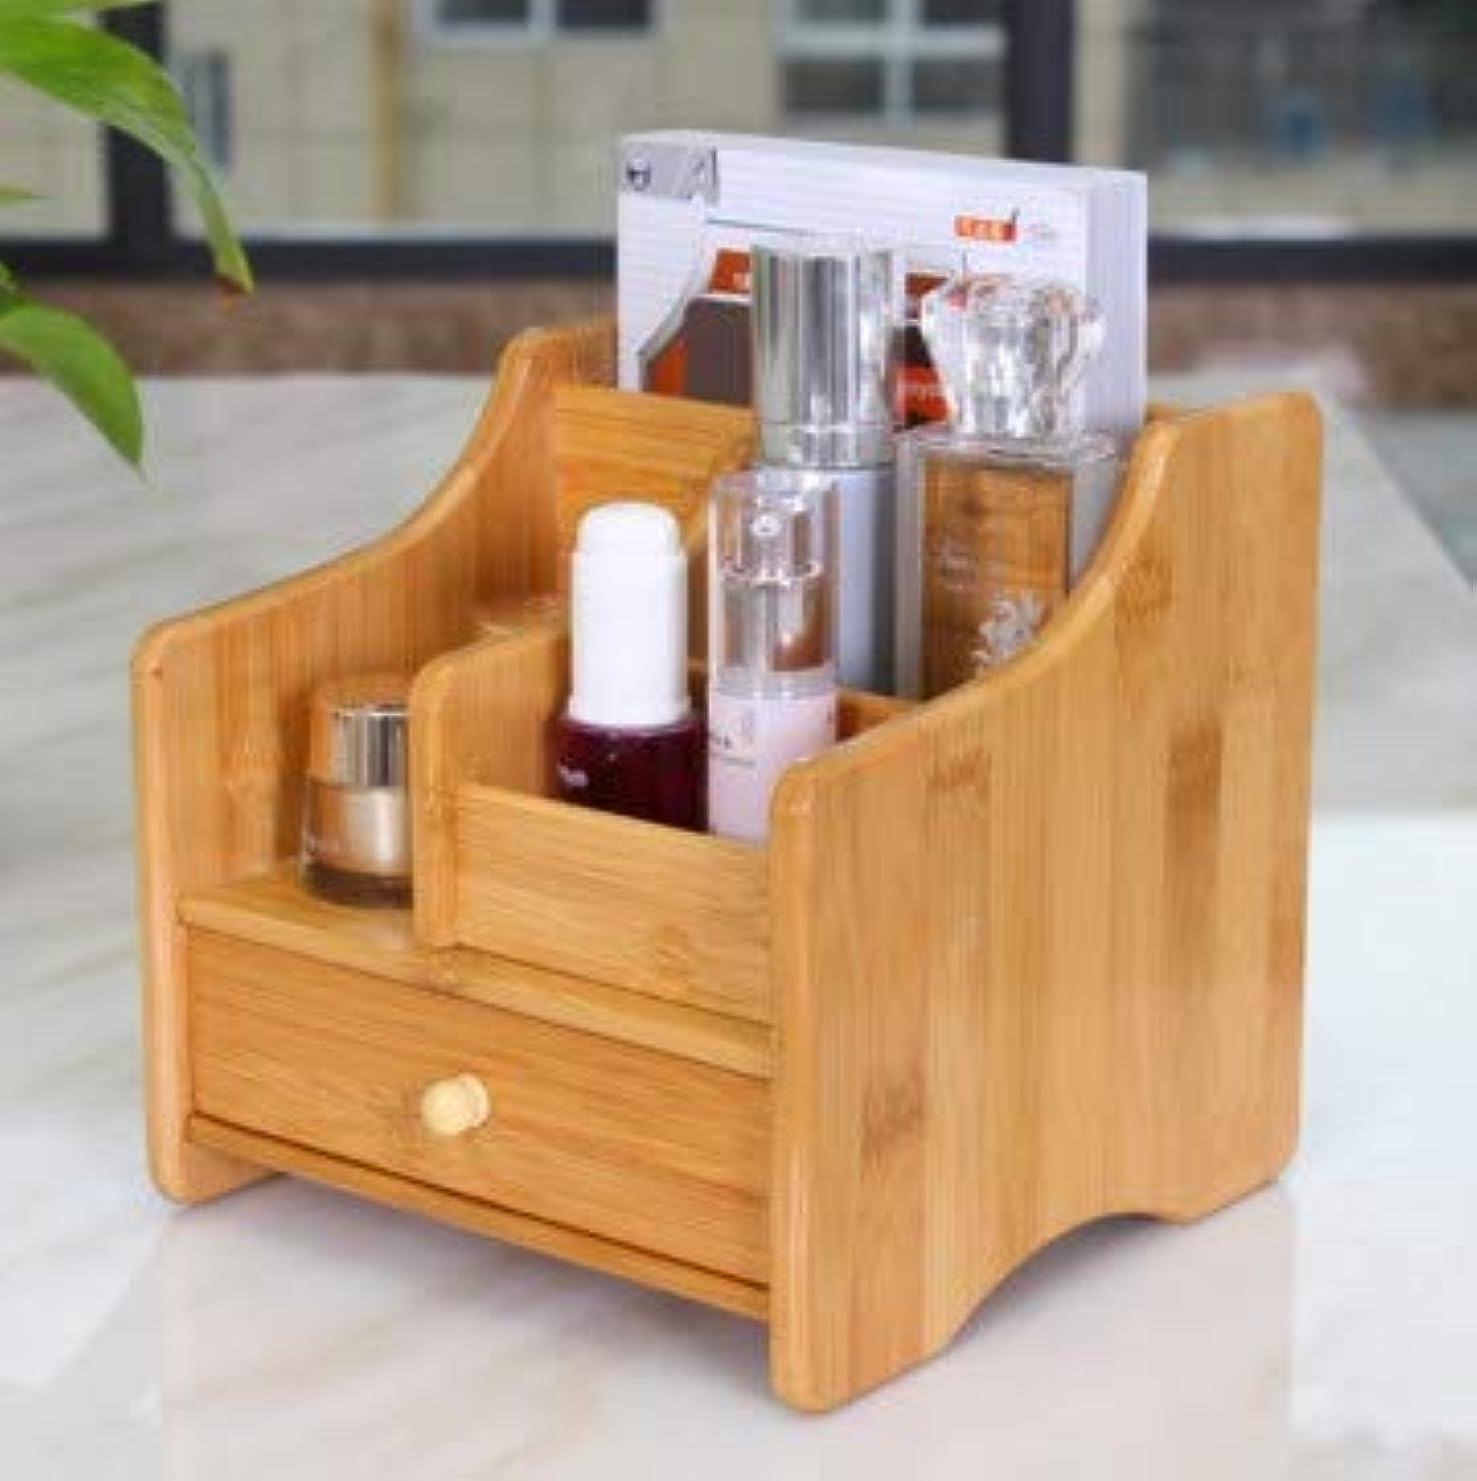 複雑な人気のそっと竹デスクトップリモコン収納ボックスデスクトップ化粧品文房具竹棚化粧品収納ボックス